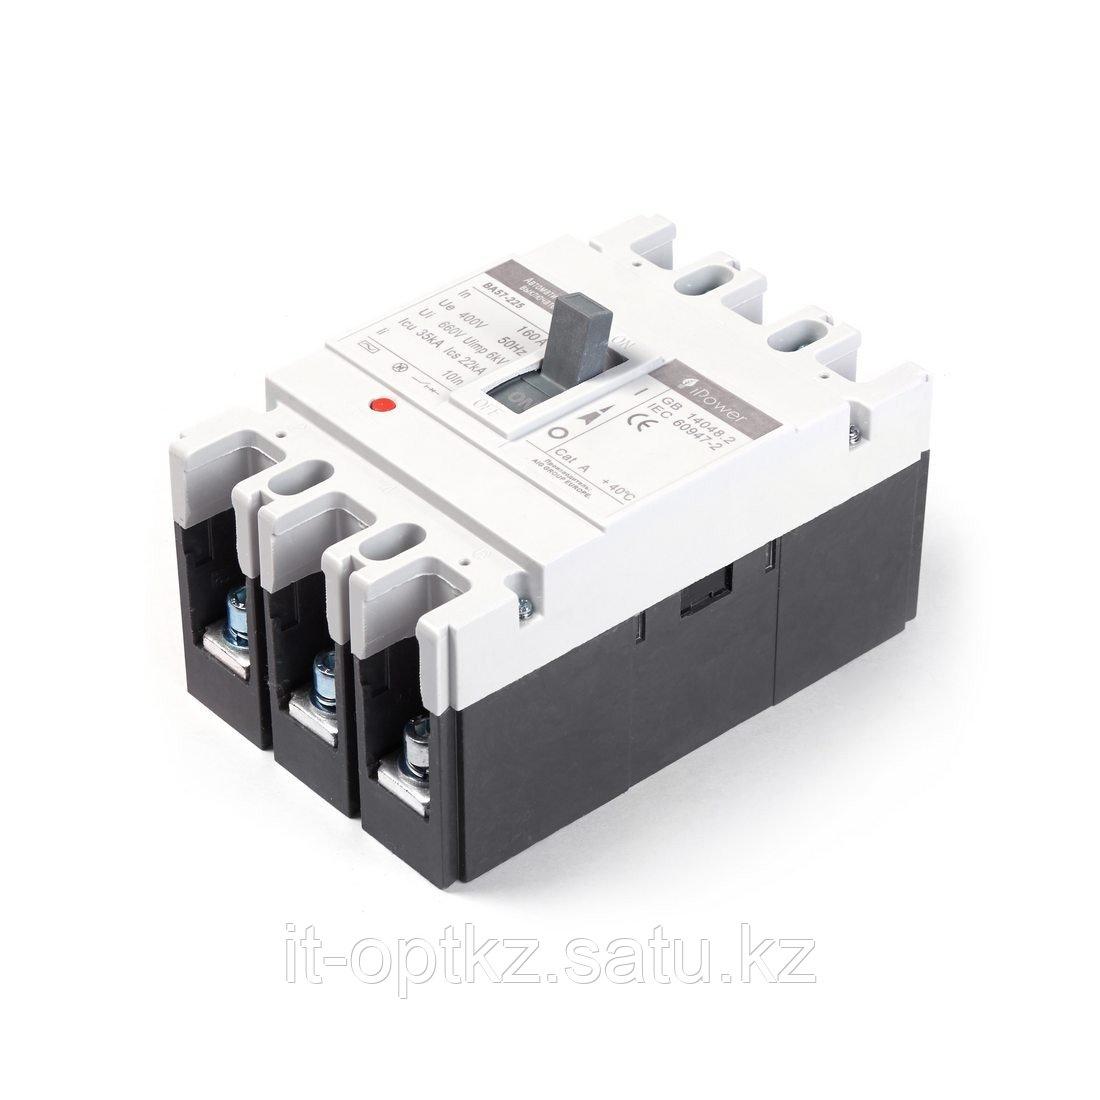 Автоматический выключатель iPower ВА57-225 3P 160A